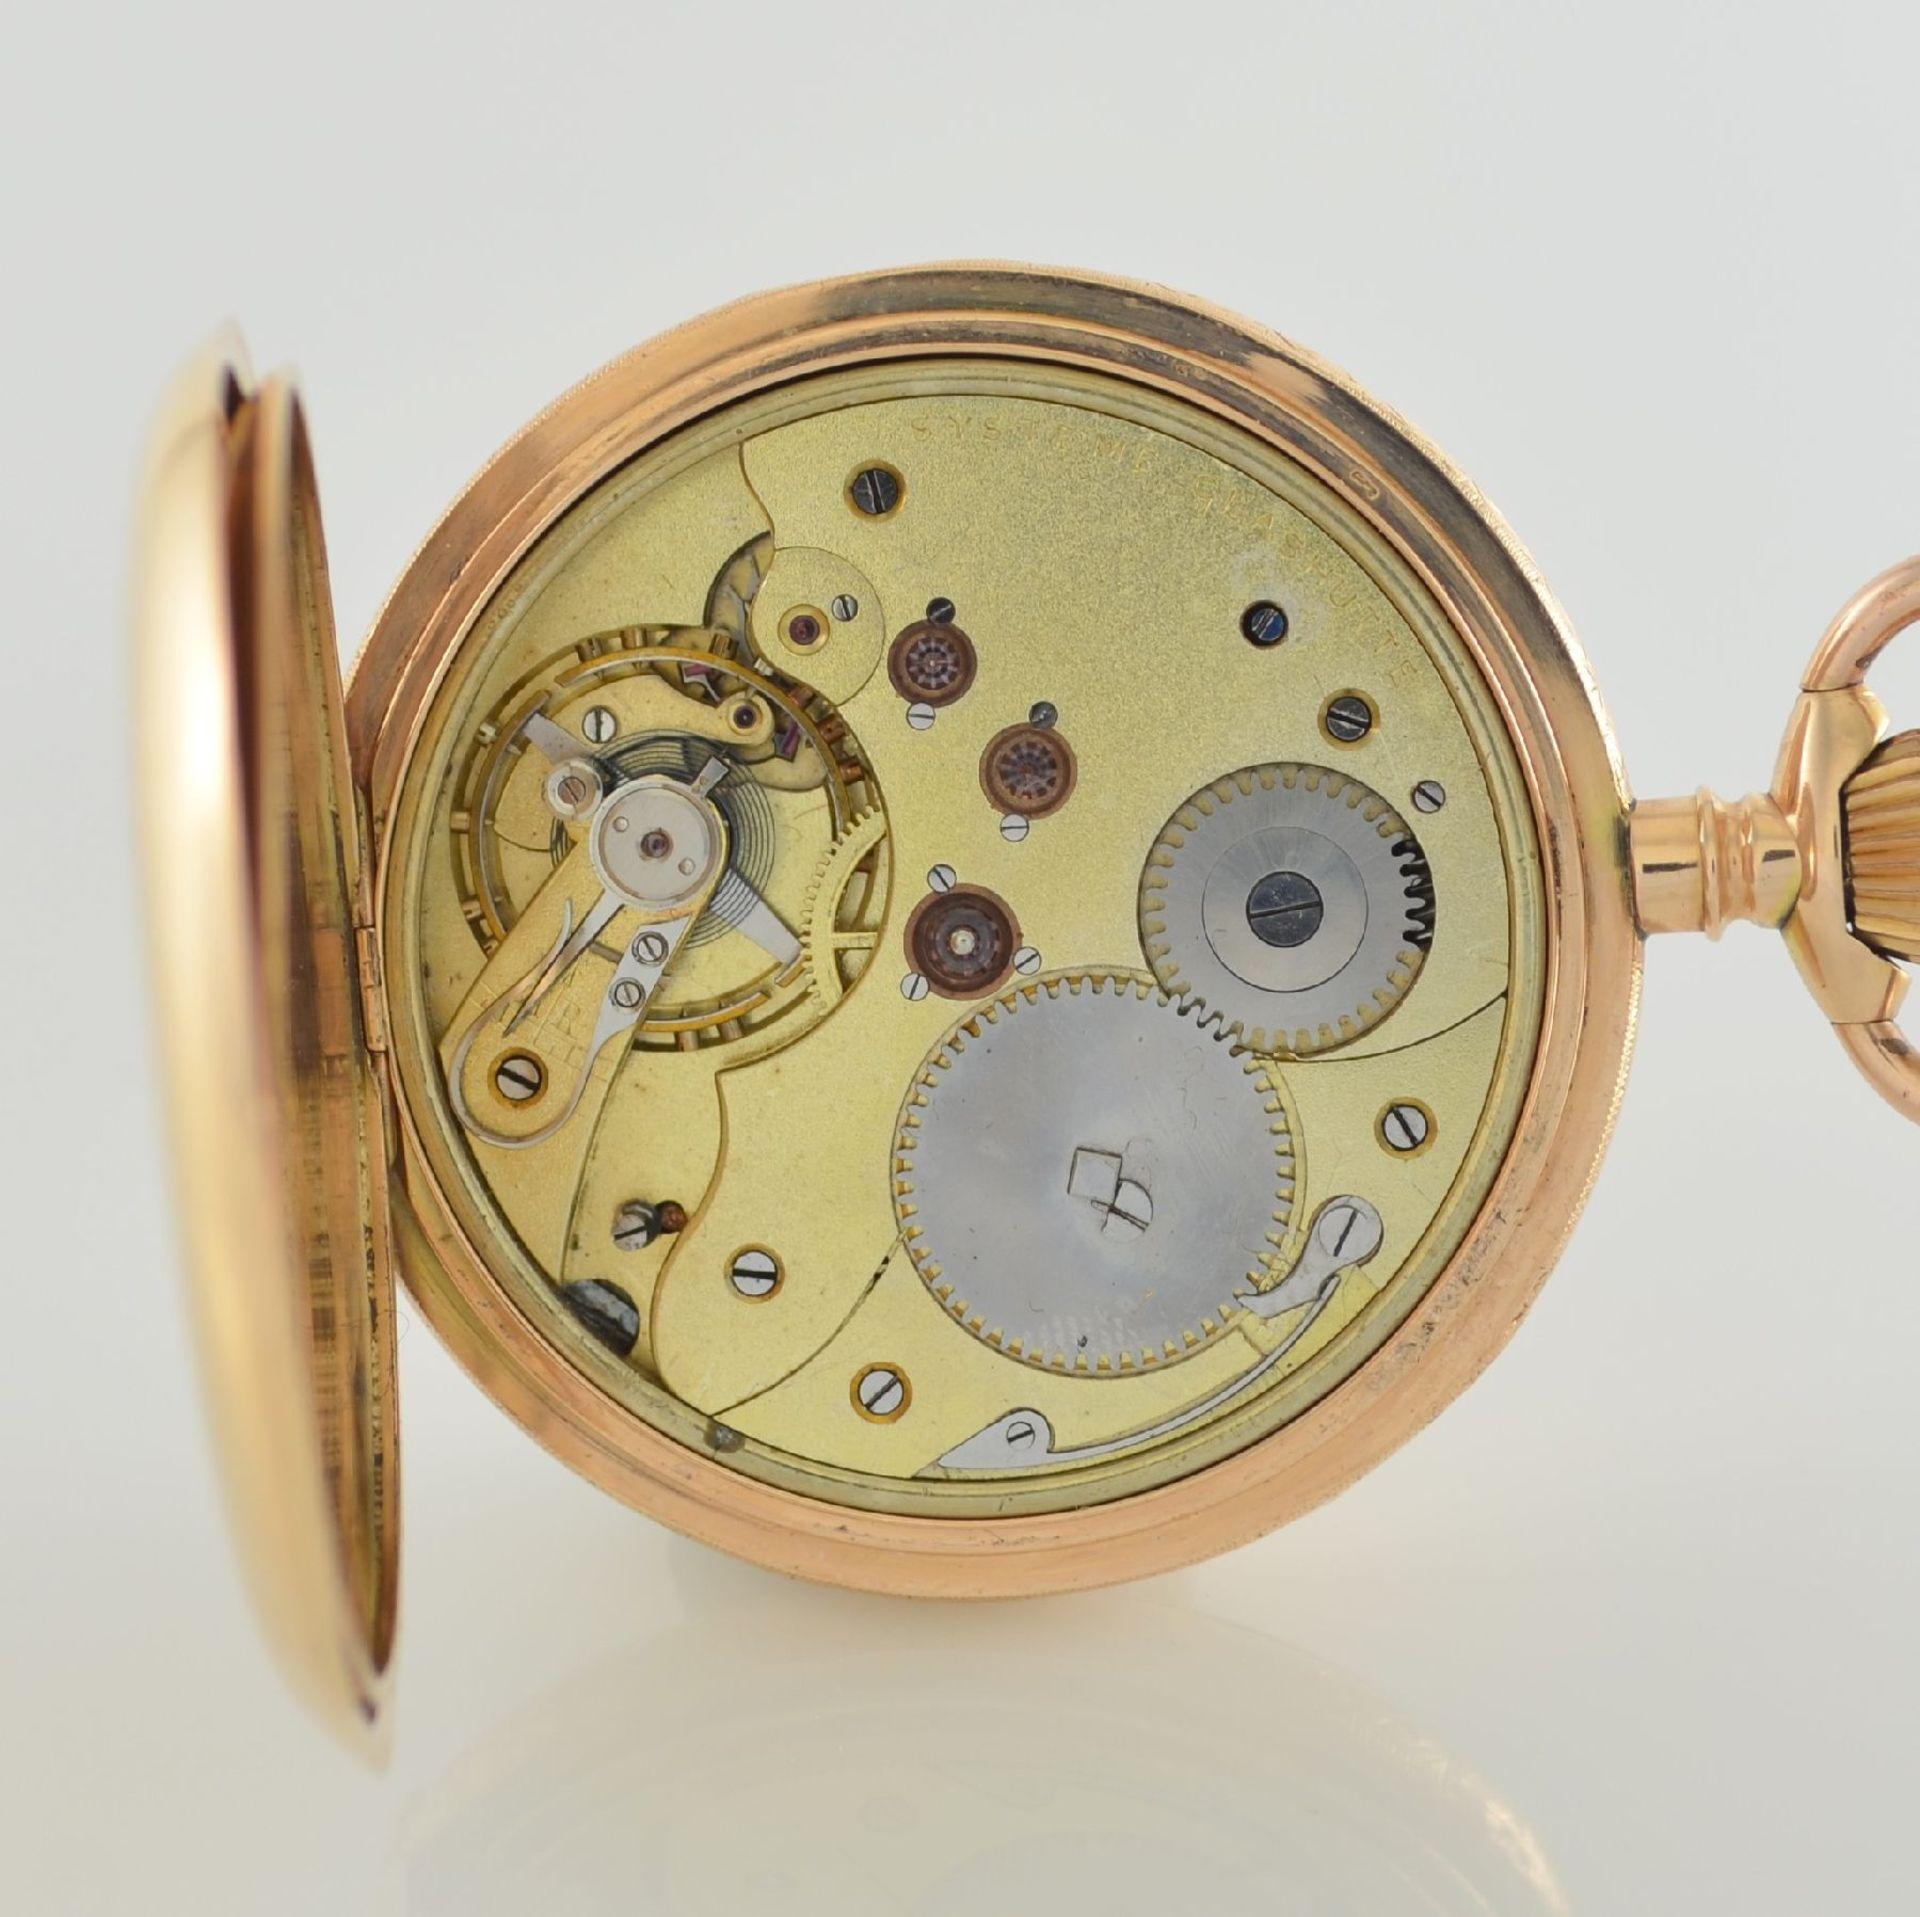 SYSTÉME GLASHÜTTE Herrensavonette in RG 585/000, Schweiz/Deutschland um 1900, glattes 3-Deckel - Bild 8 aus 8